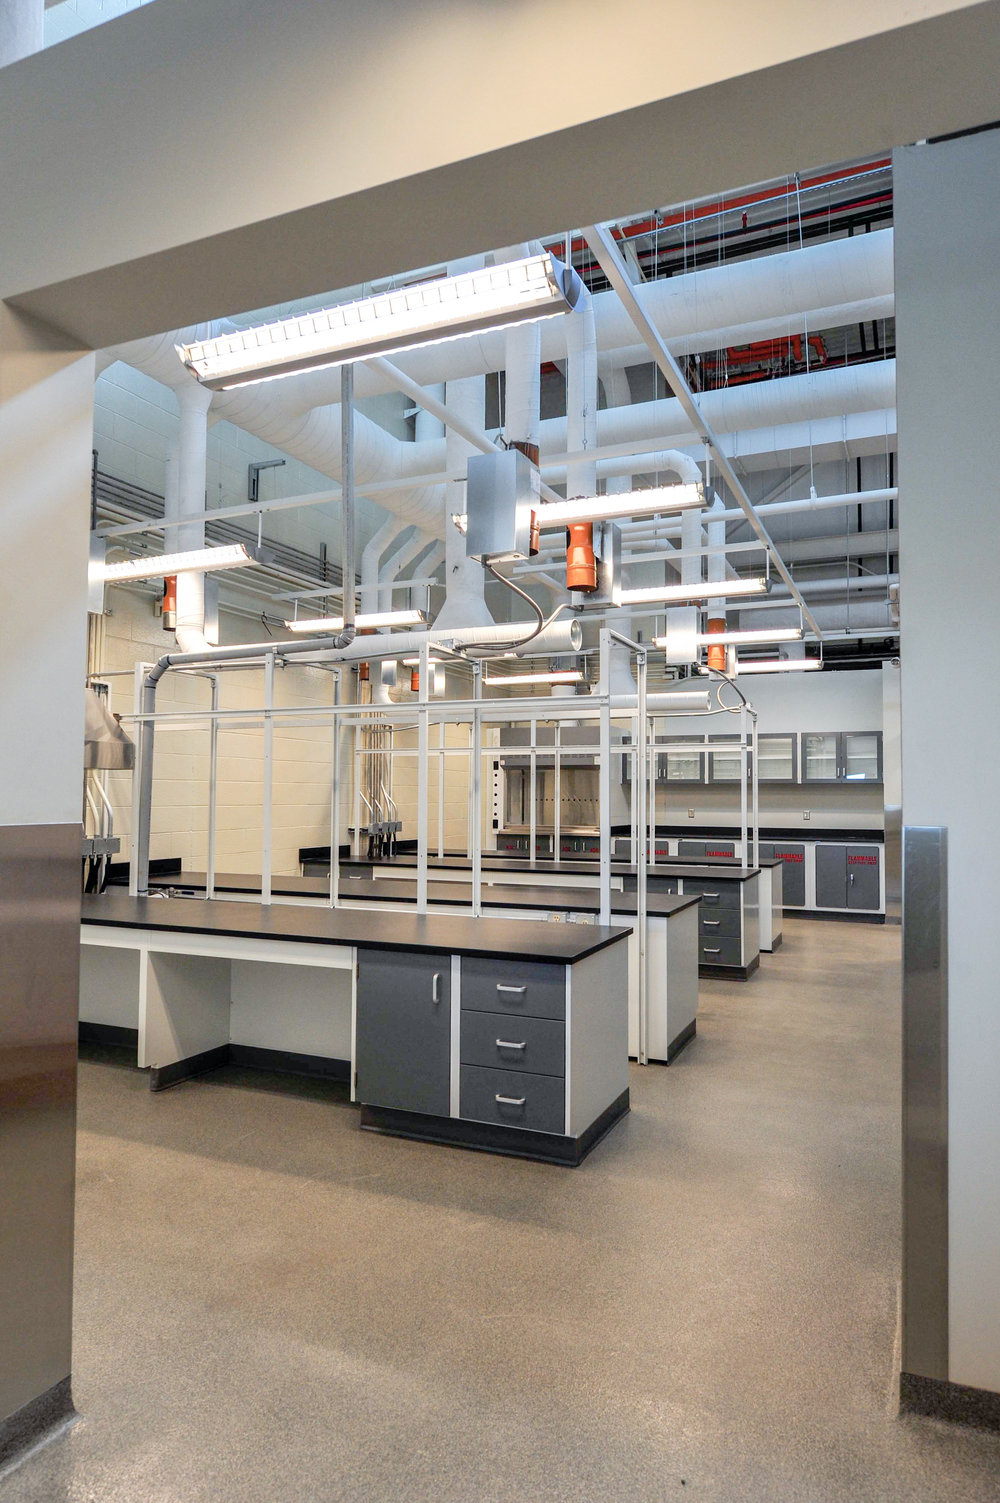 U of C ACWA Wastewater Research Laboratory